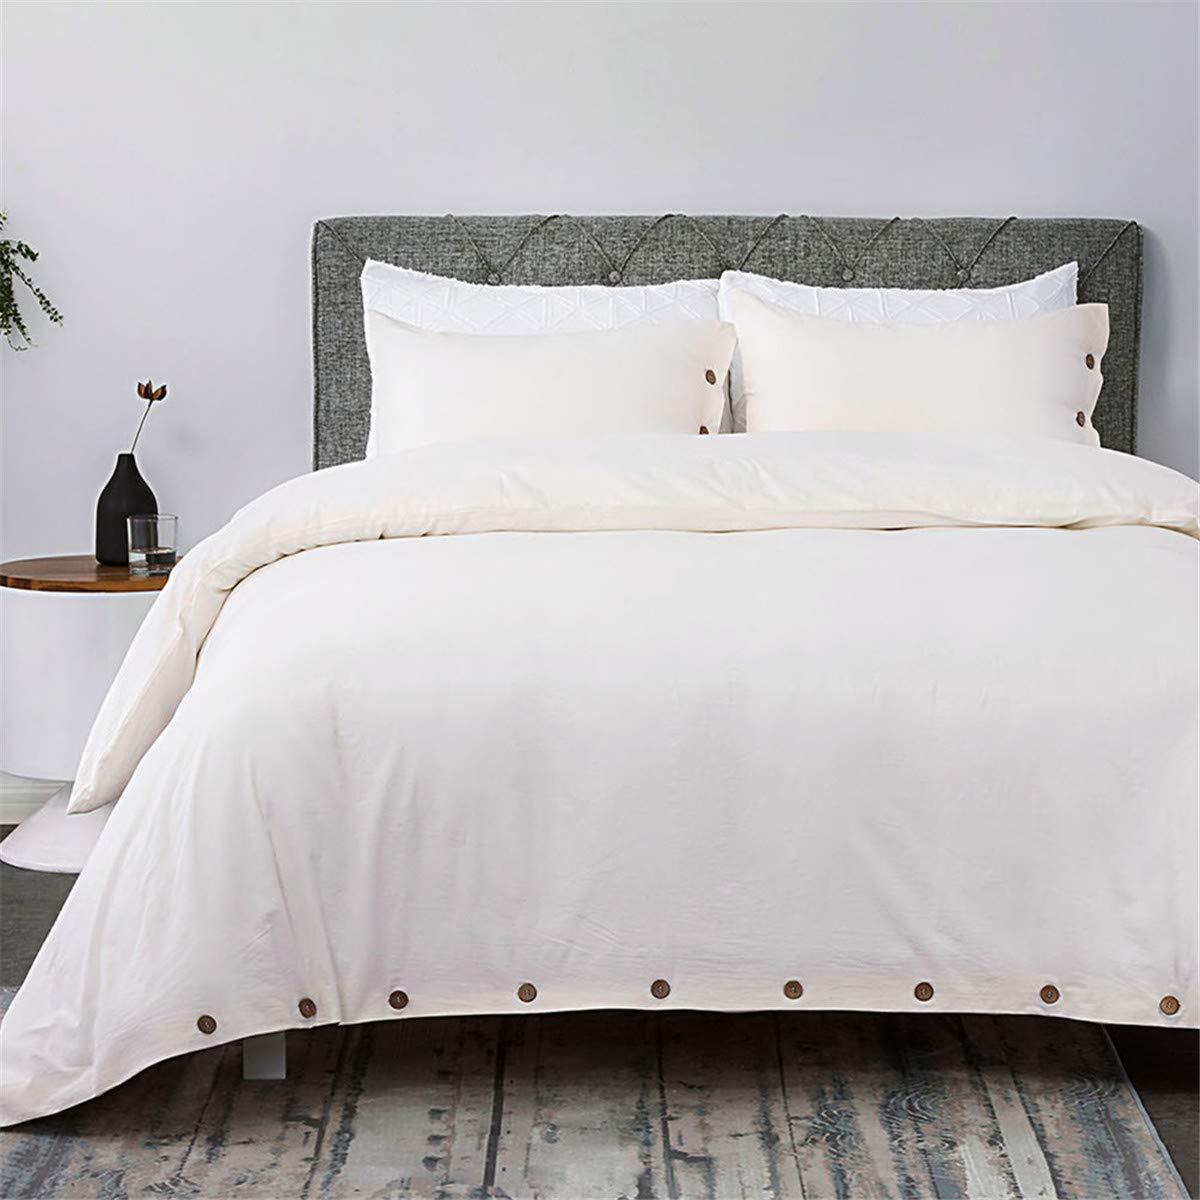 Bedsure 100% Washed Cotton Duvet Cover Sets King Size Cream Bedding Set 3 Pieces (1 Duvet Cover + 2 Pillow Shams)